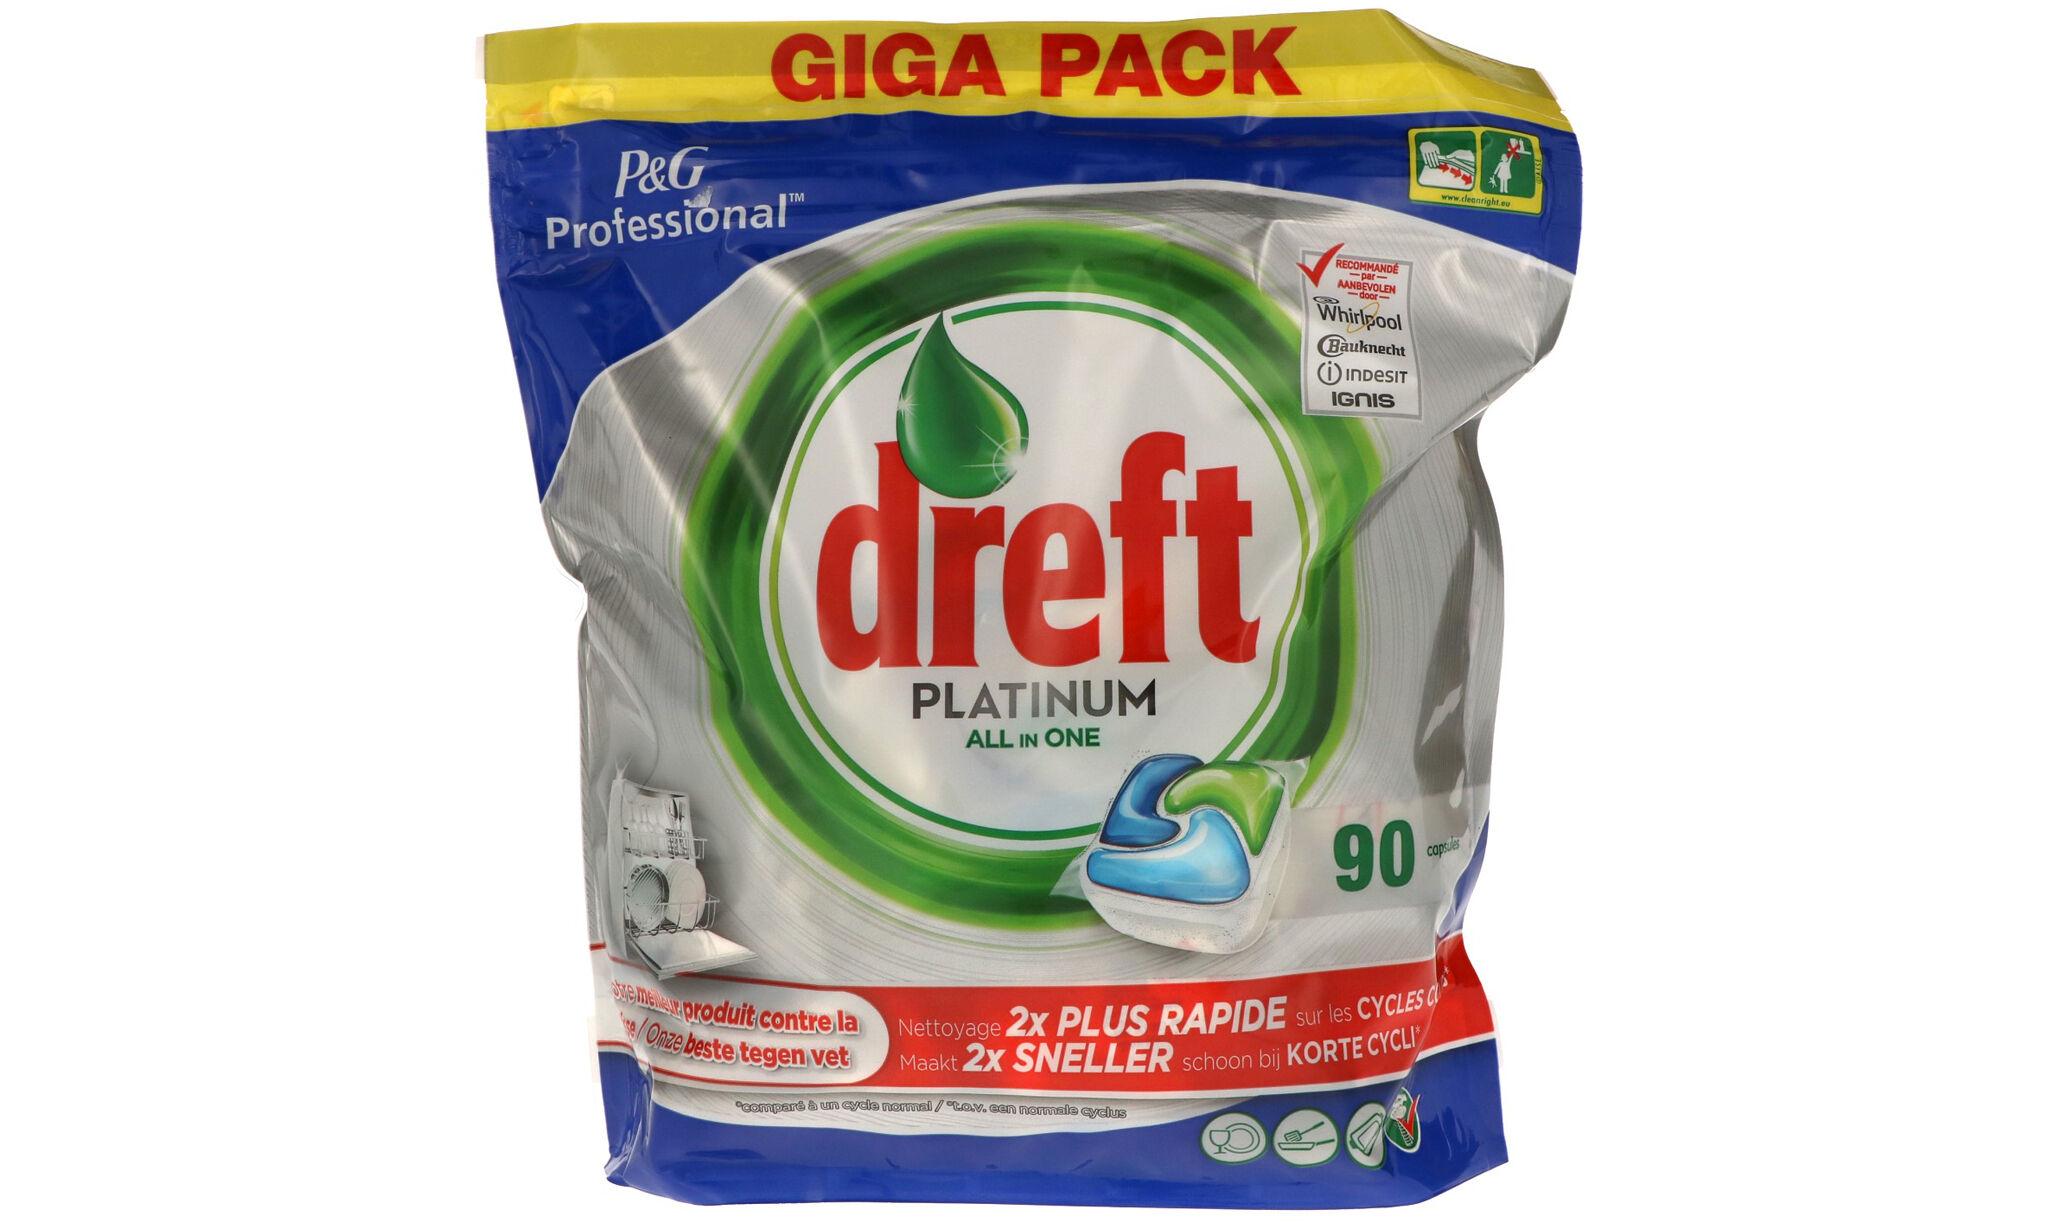 DREFT 6 paquets de 90 tablettes Platinum All in One Dreft : 540 tablettes /